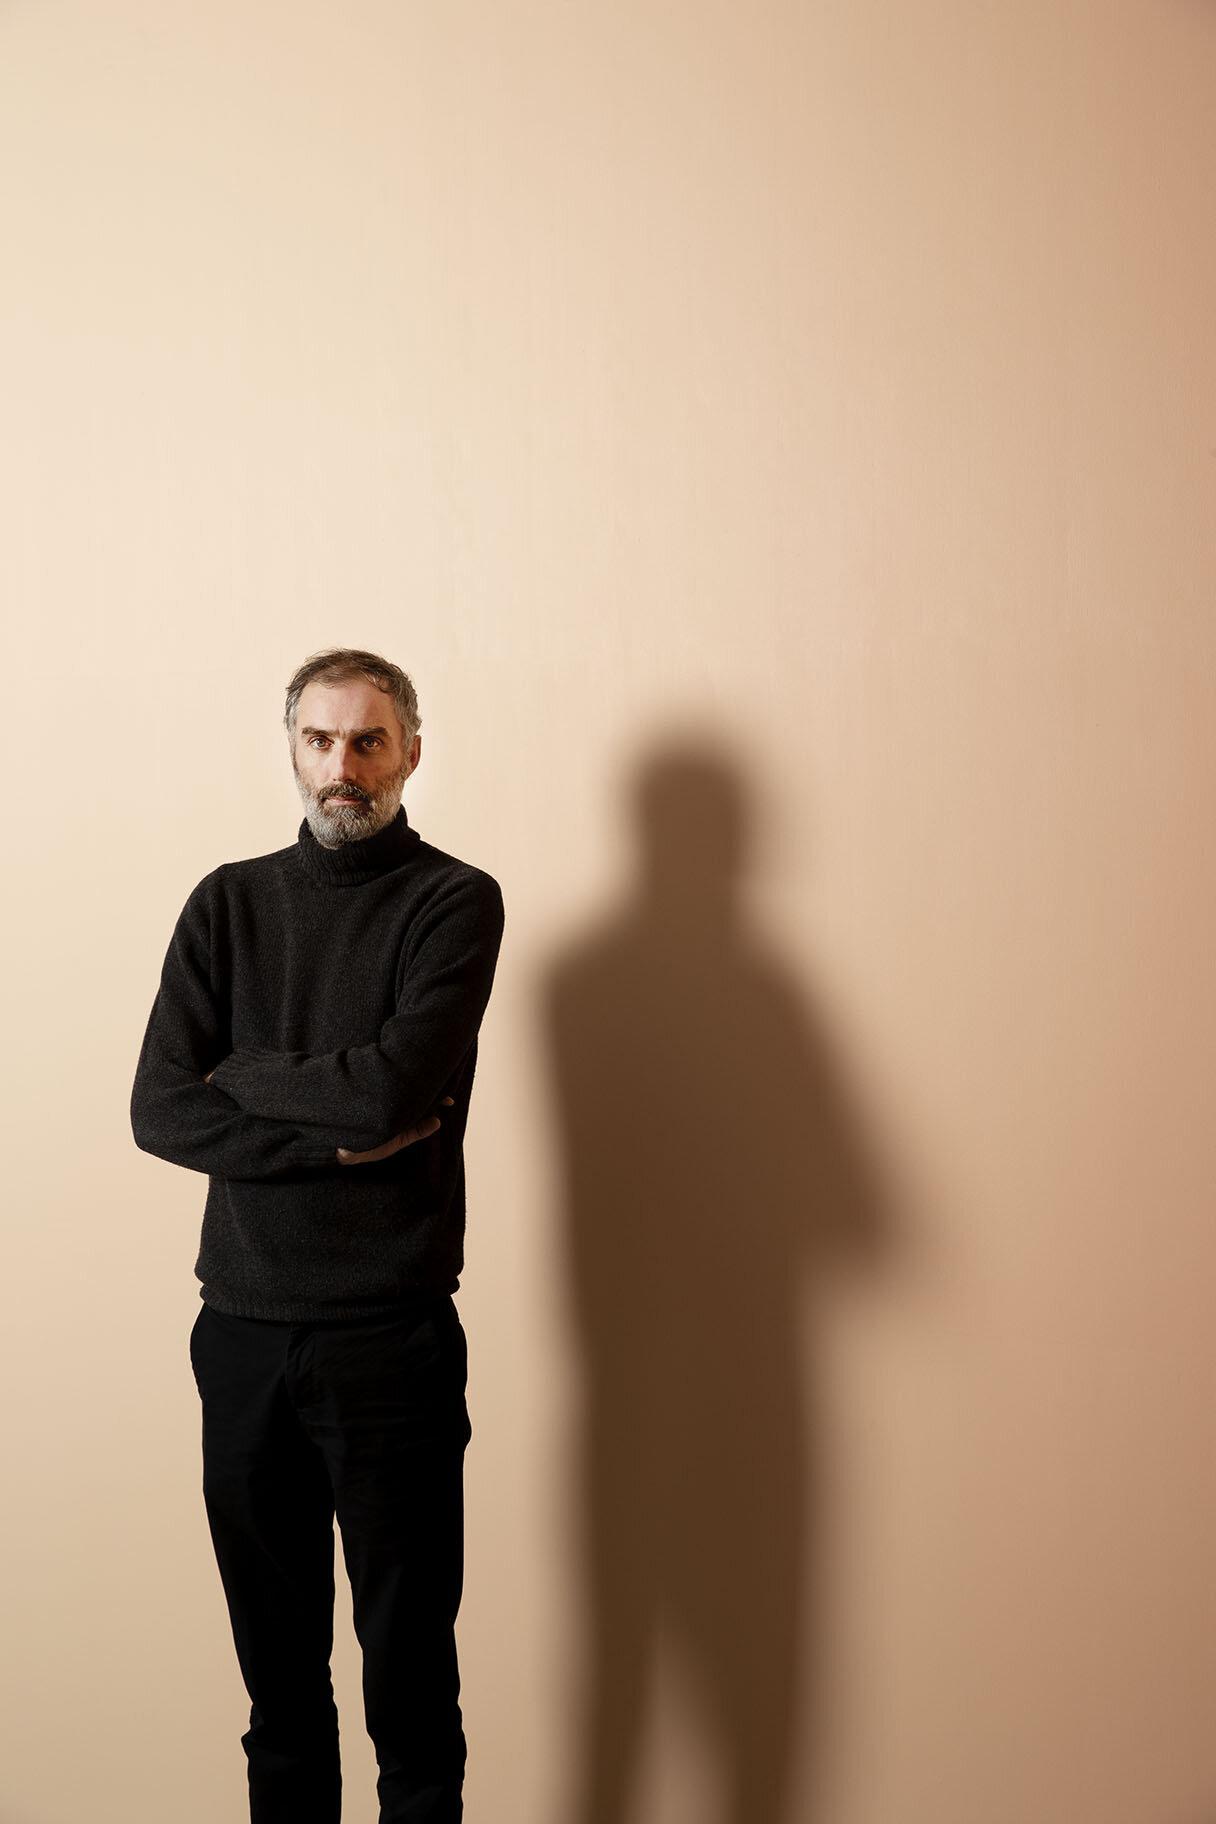 pieter-vermeesch-artist-new-york-perrotin-guillaume-ziccarelli-01.jpg